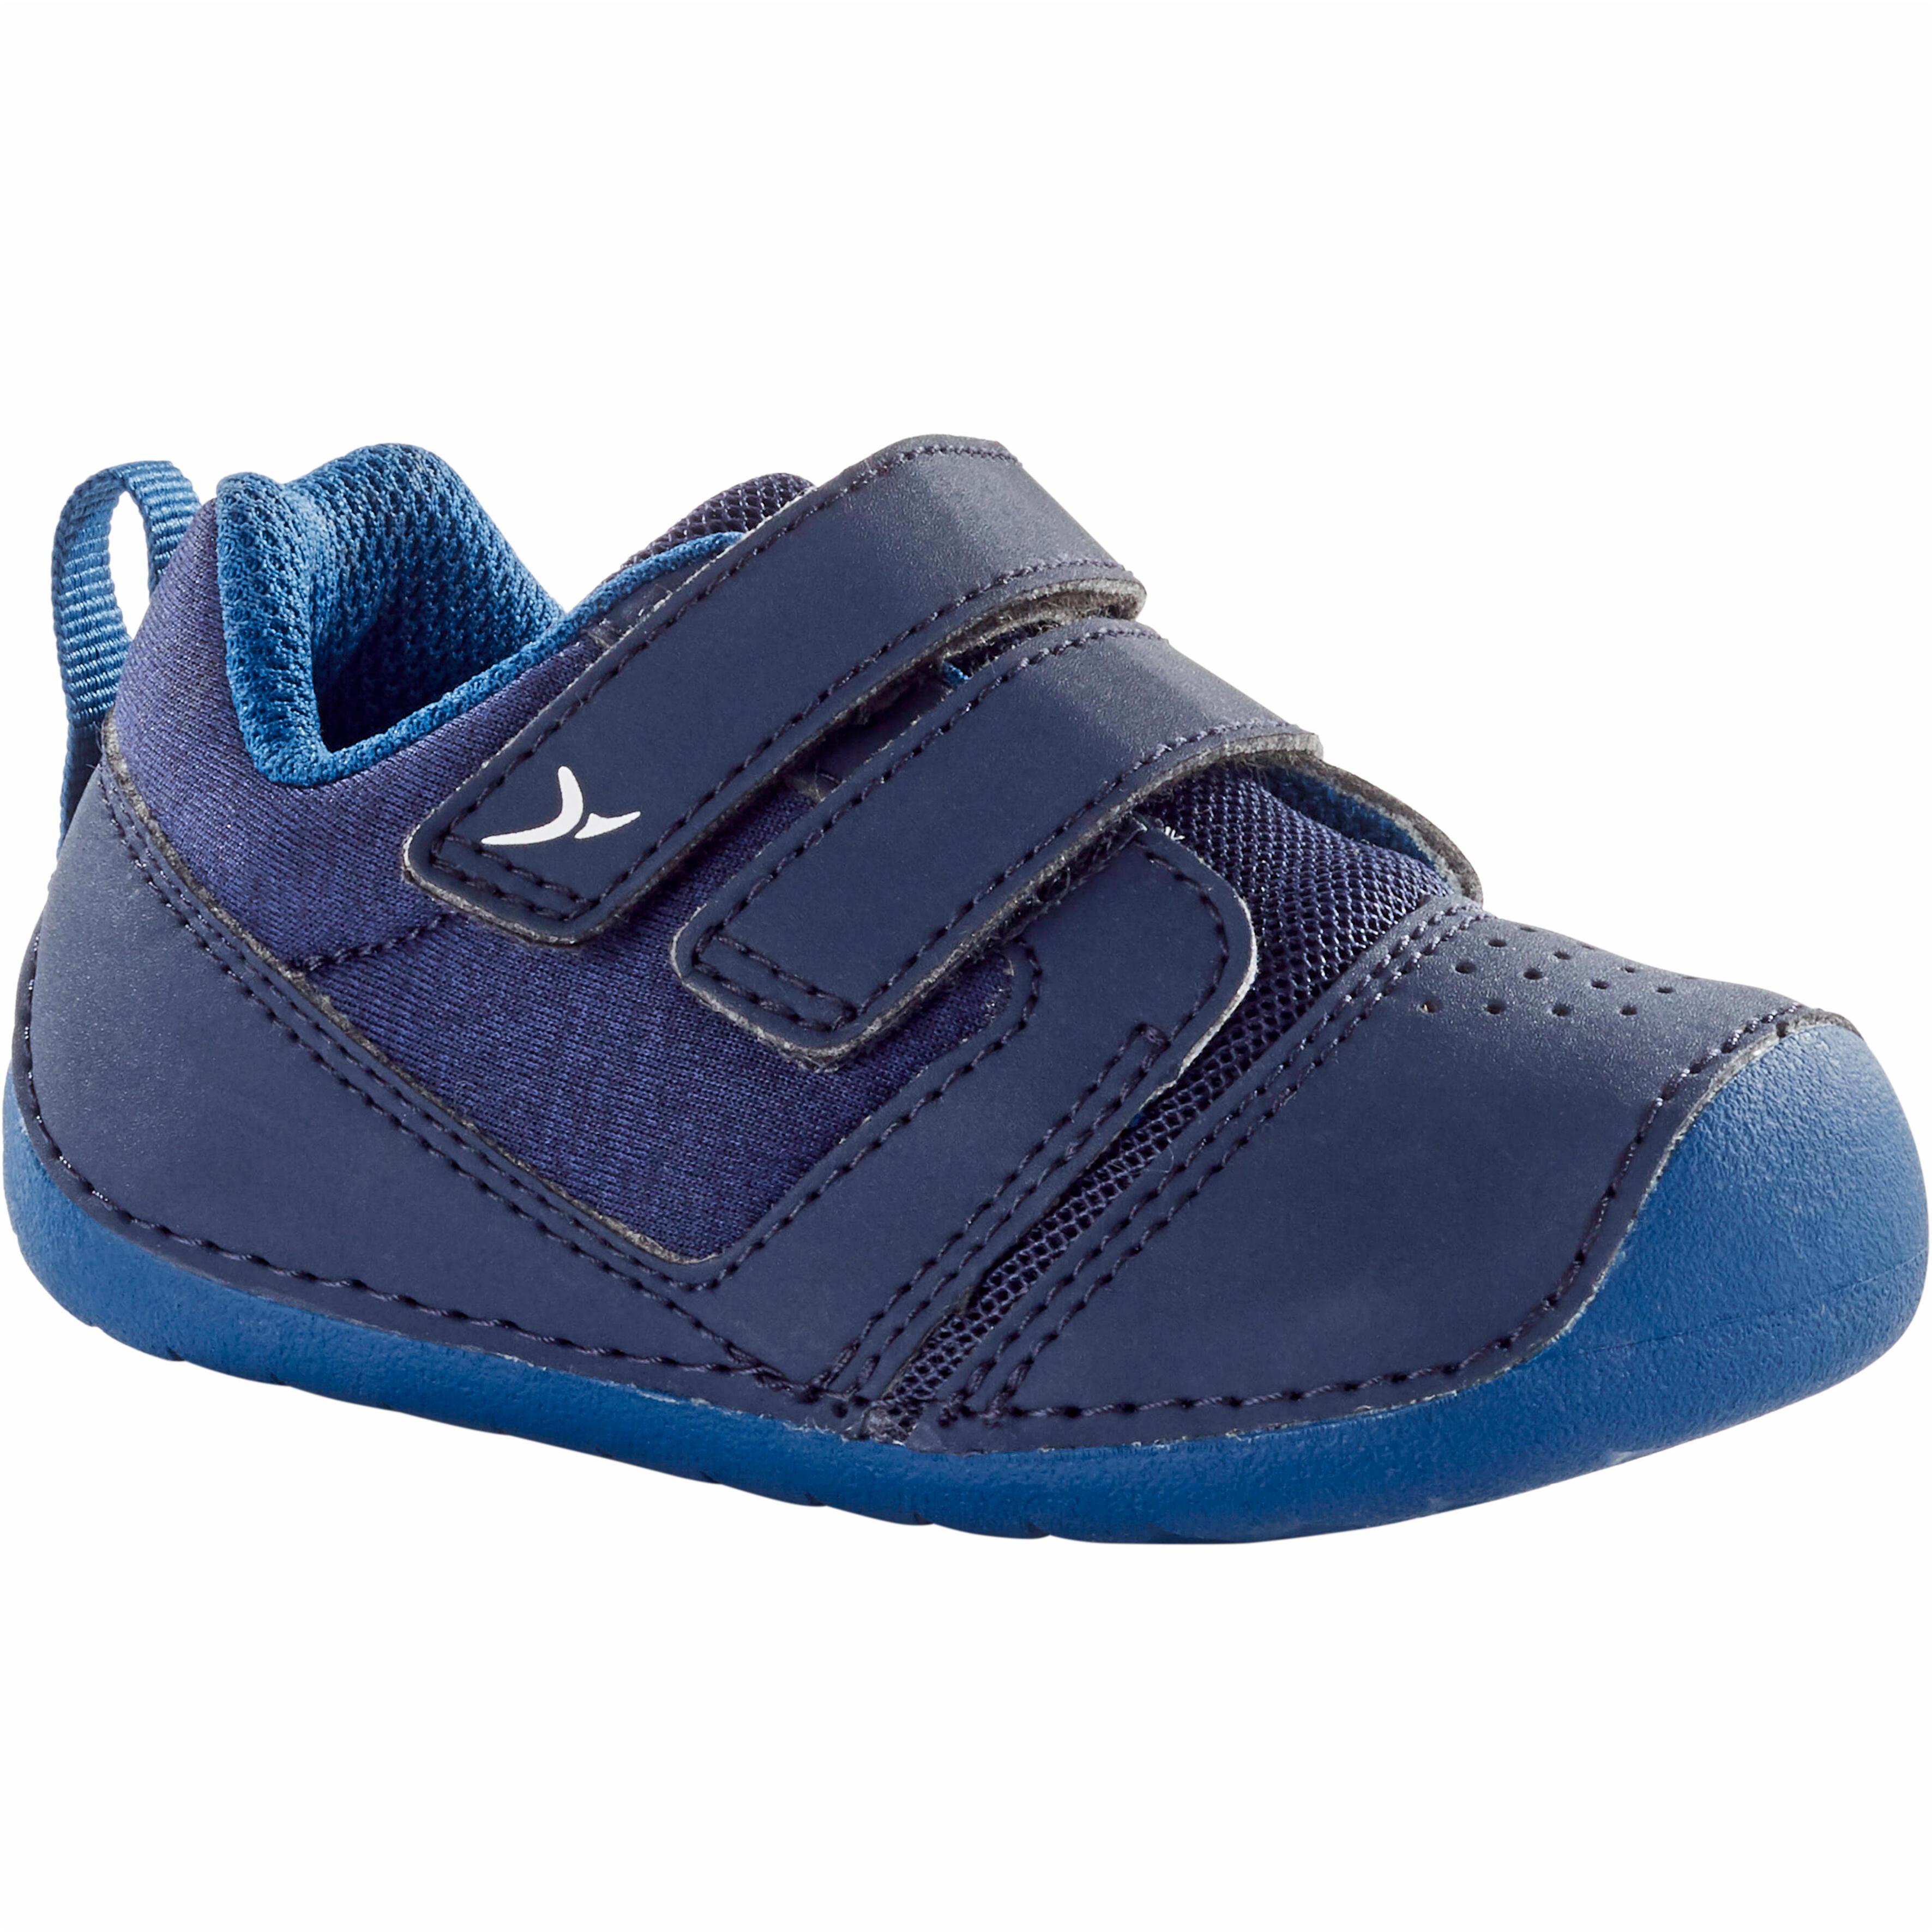 Kinderschoenen Maat 29.Kinder Sneakers Kopen Decathlon Nl